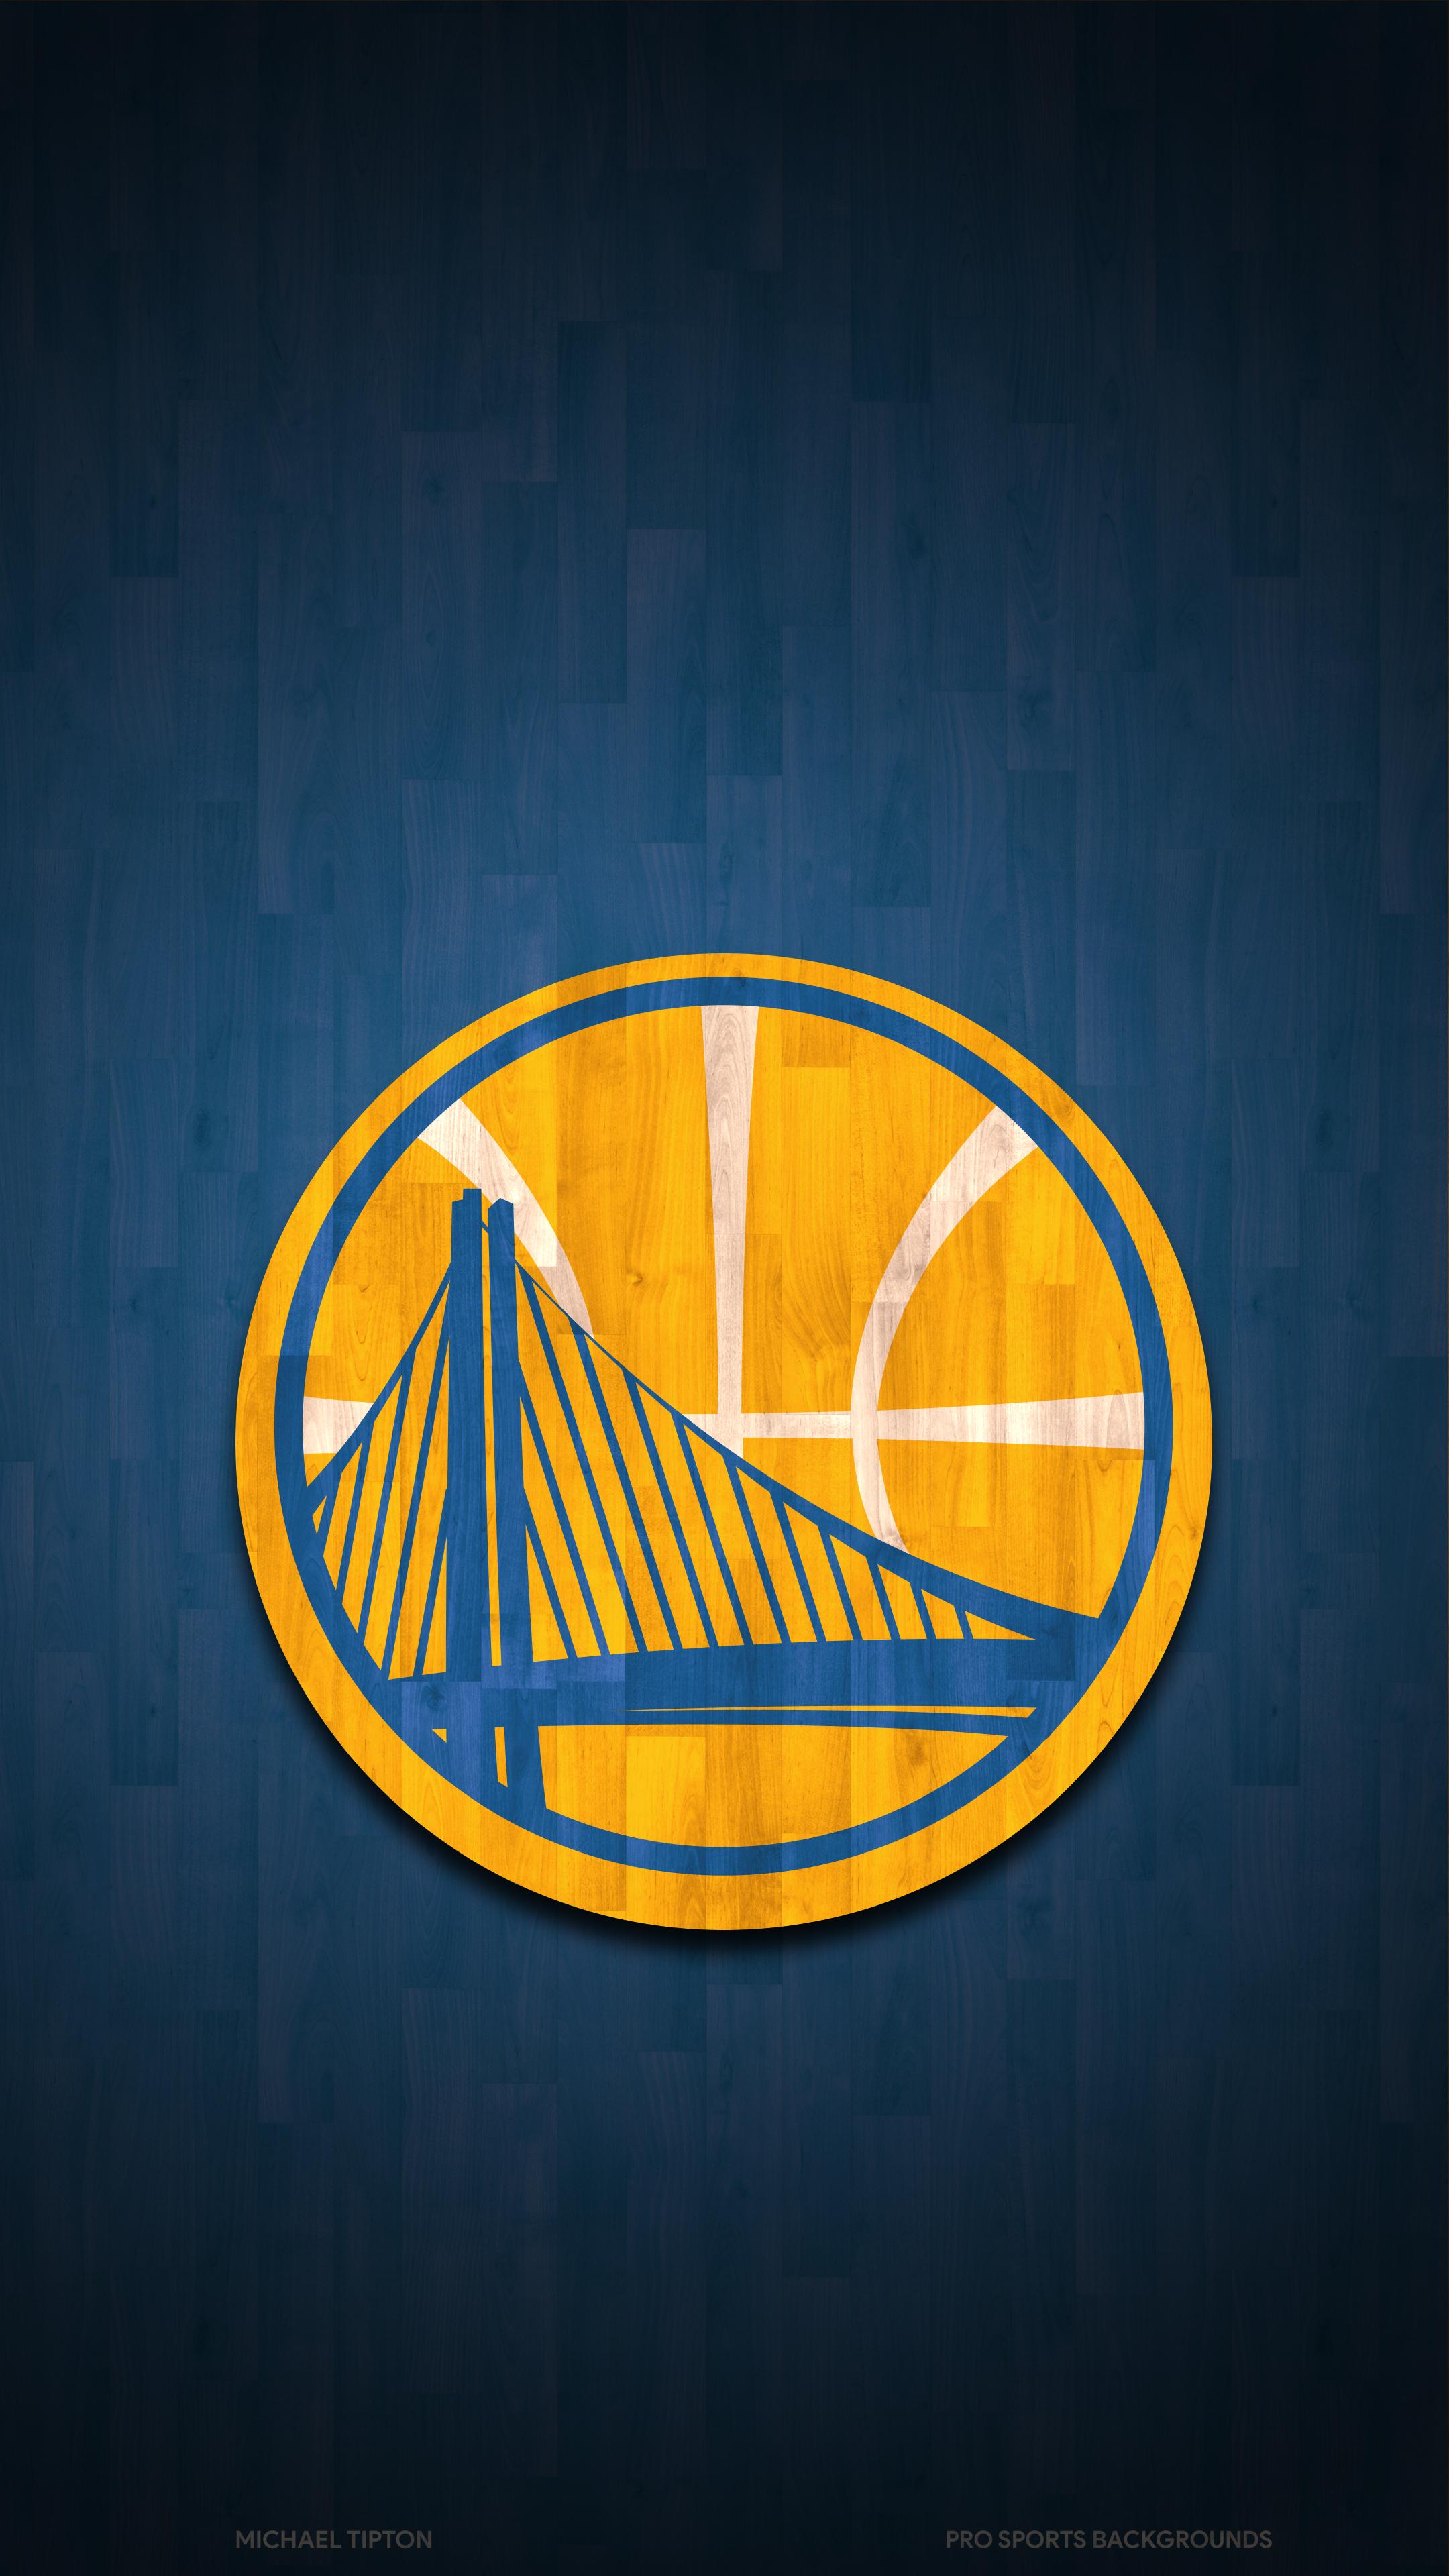 Nhl Golden State Warriors Wallpapers Golden State Warriors Wallpape In 2020 Golden State Warriors Wallpaper Warriors Wallpaper Golden State Warriors Basketball